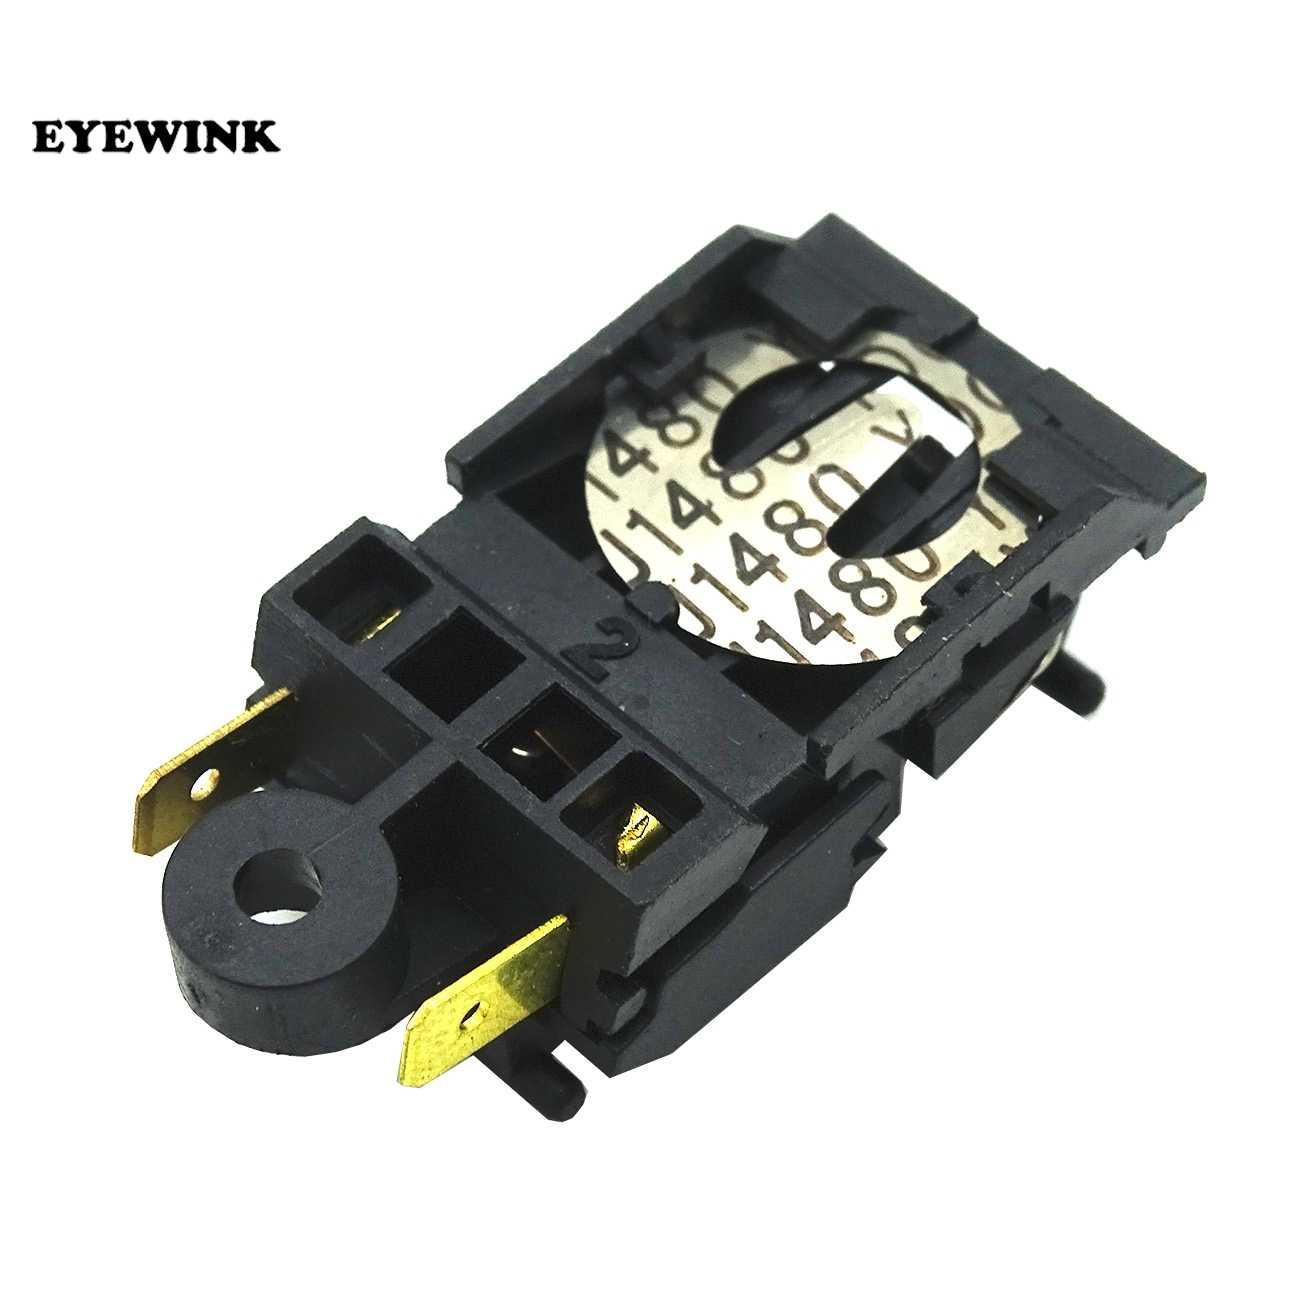 JB-01E 13A 250 فولت T125 غلاية كهربائية التبديل غلاية كهربائية مفتاح التحكم في درجة الحرارة